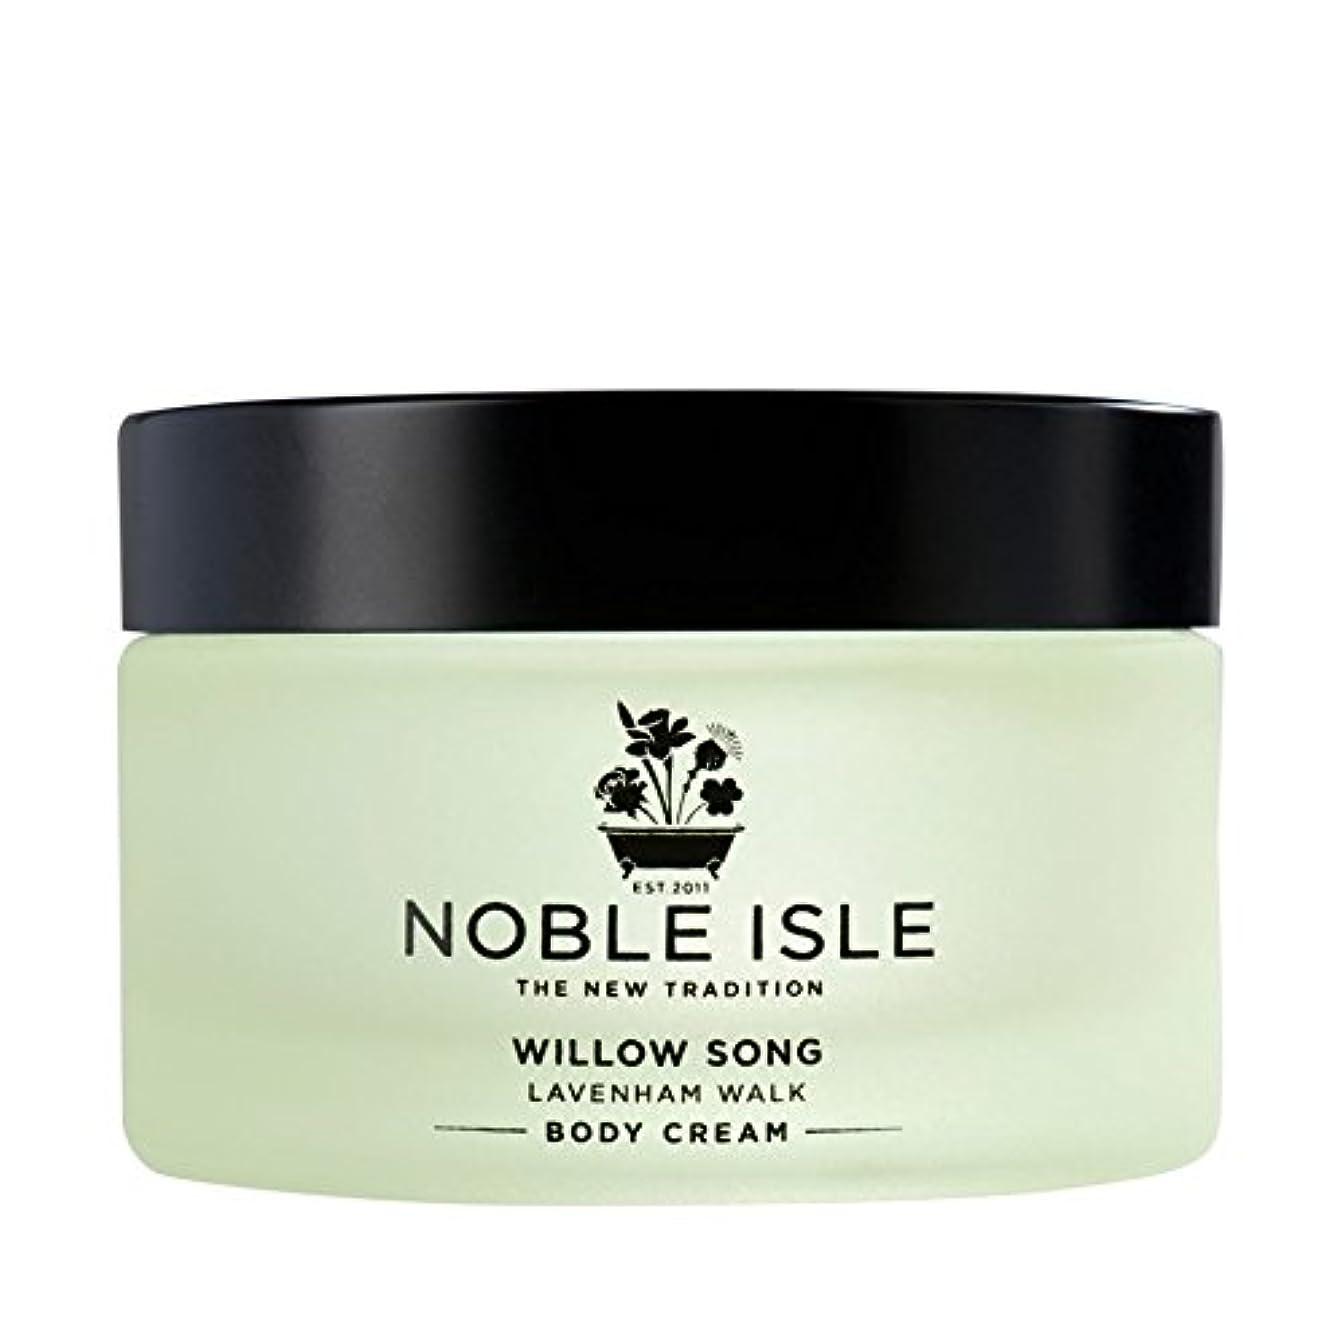 チャーターエレガント牧草地高貴な島柳の歌ラヴァンハム徒歩ボディクリーム170ミリリットル x2 - Noble Isle Willow Song Lavenham Walk Body Cream 170ml (Pack of 2) [並行輸入品]